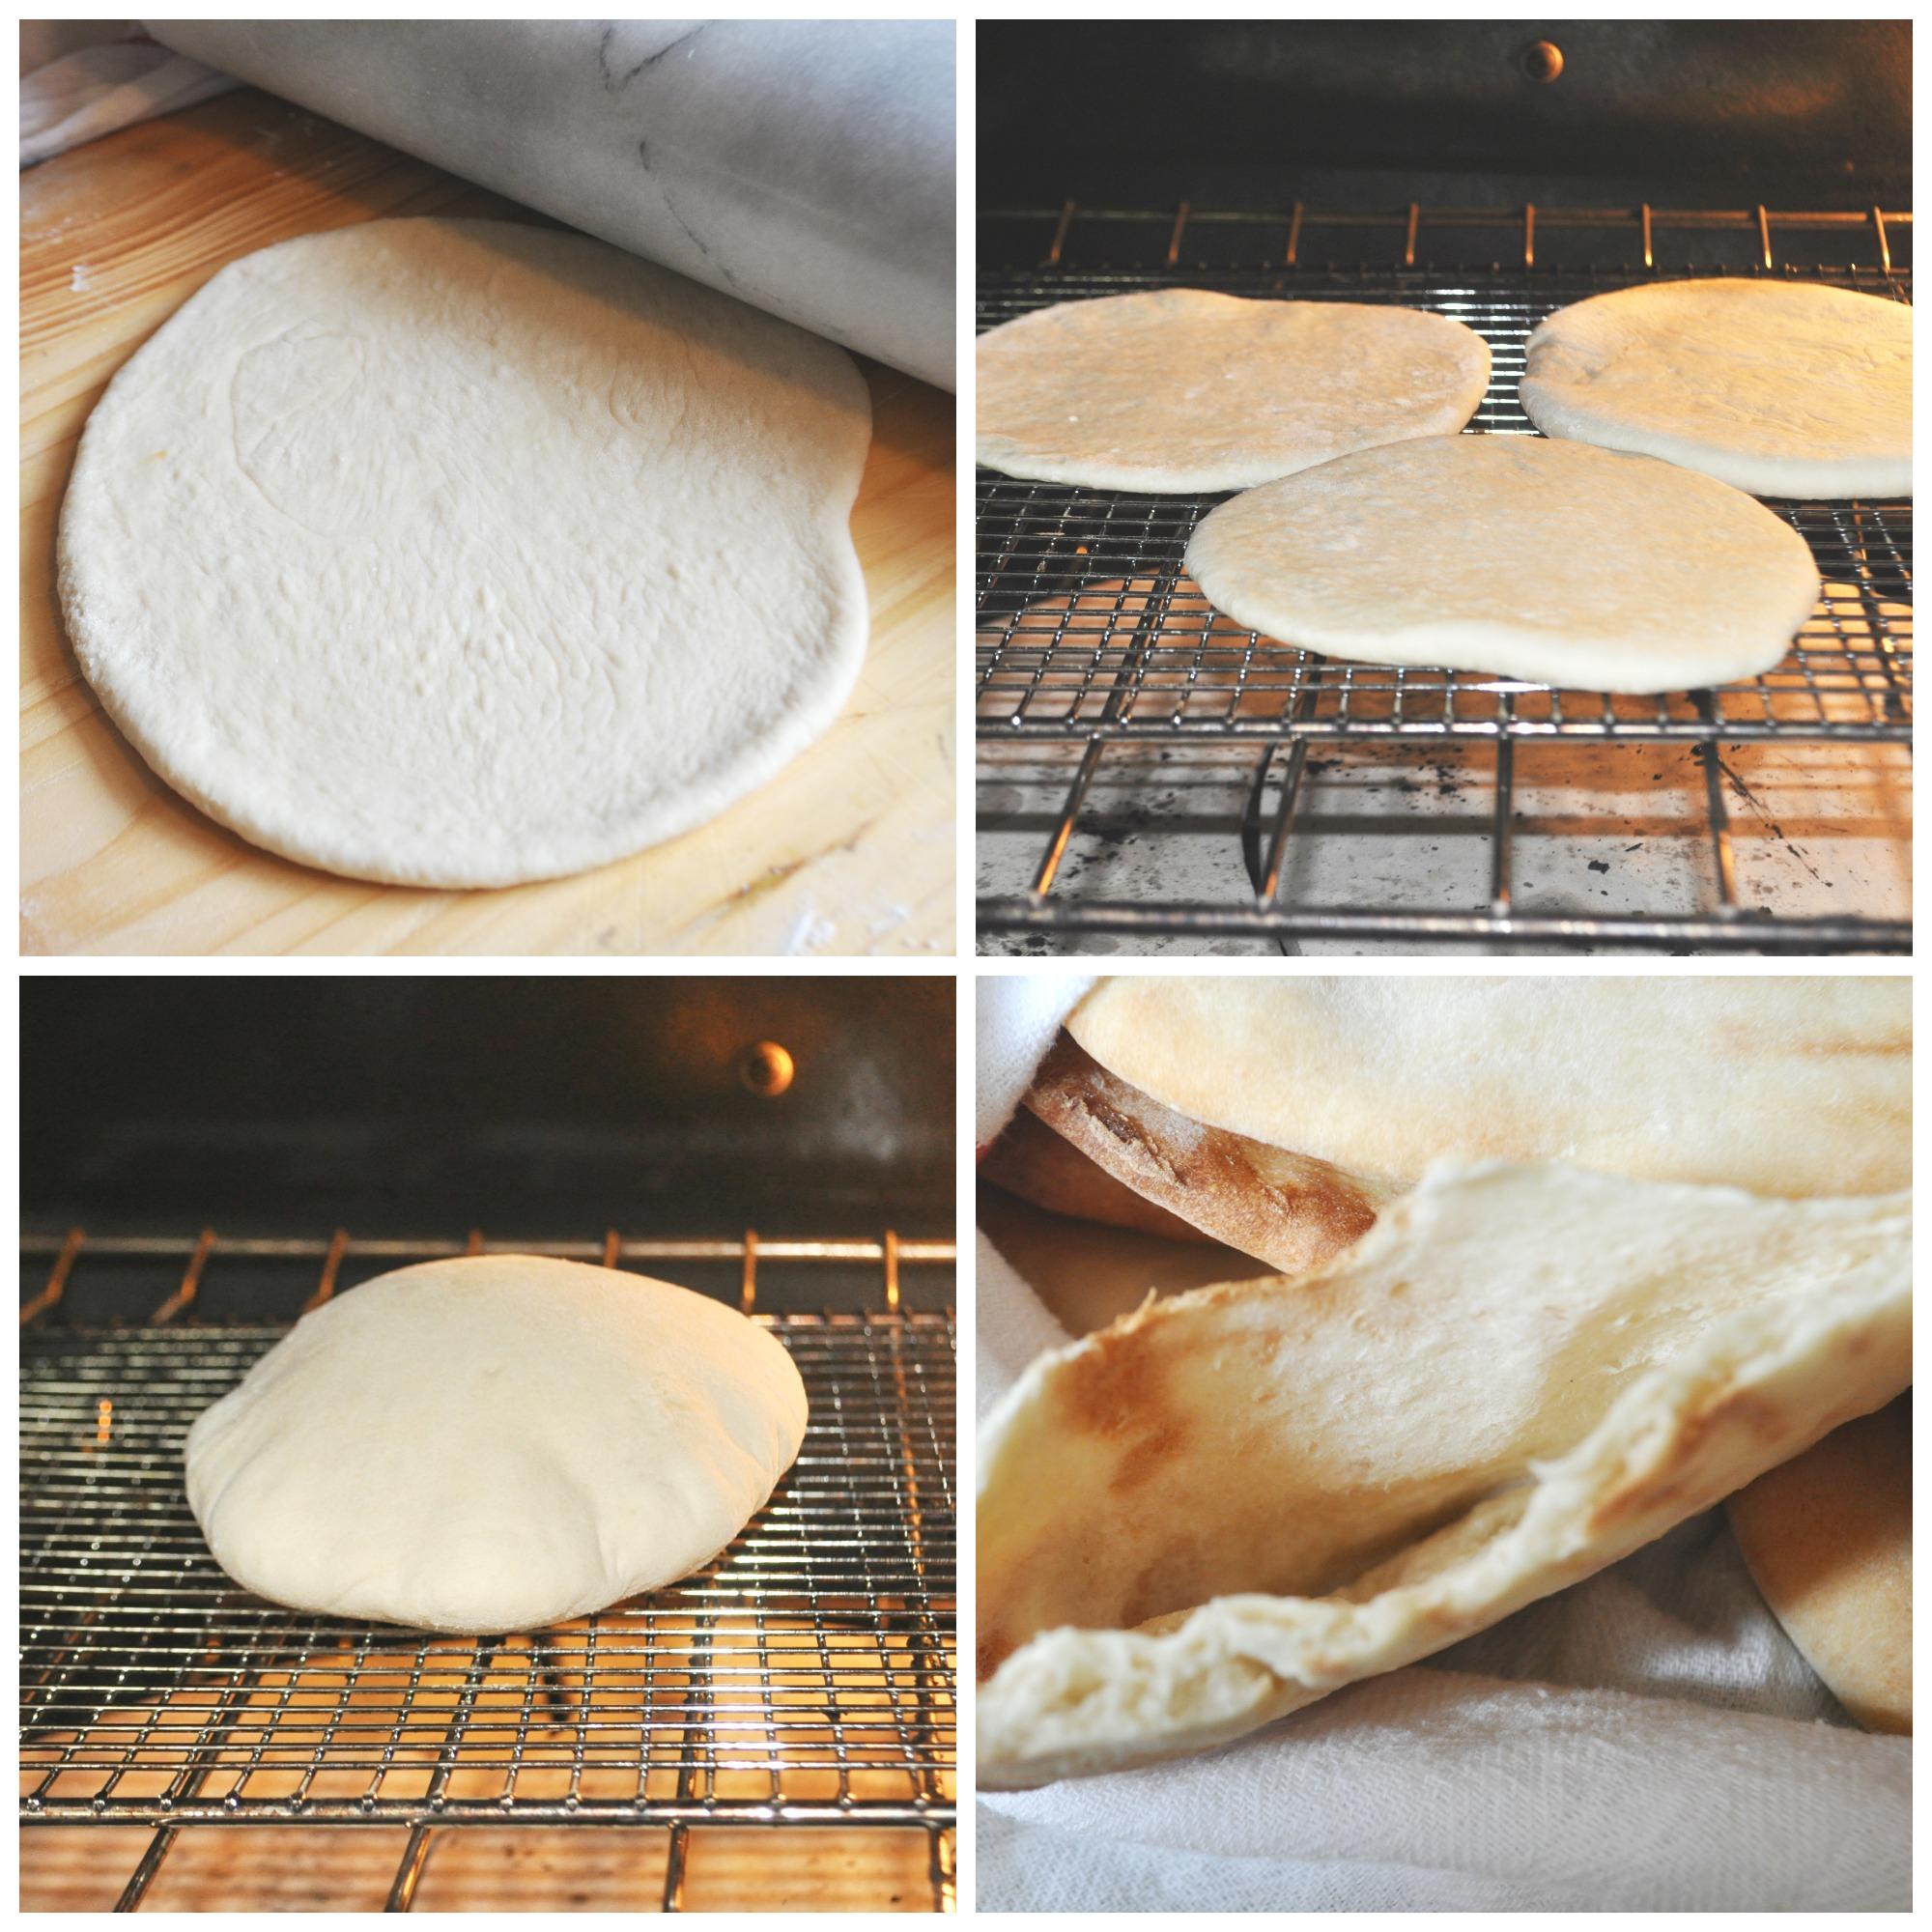 Рецепт пиццы в домашних условиях в 31